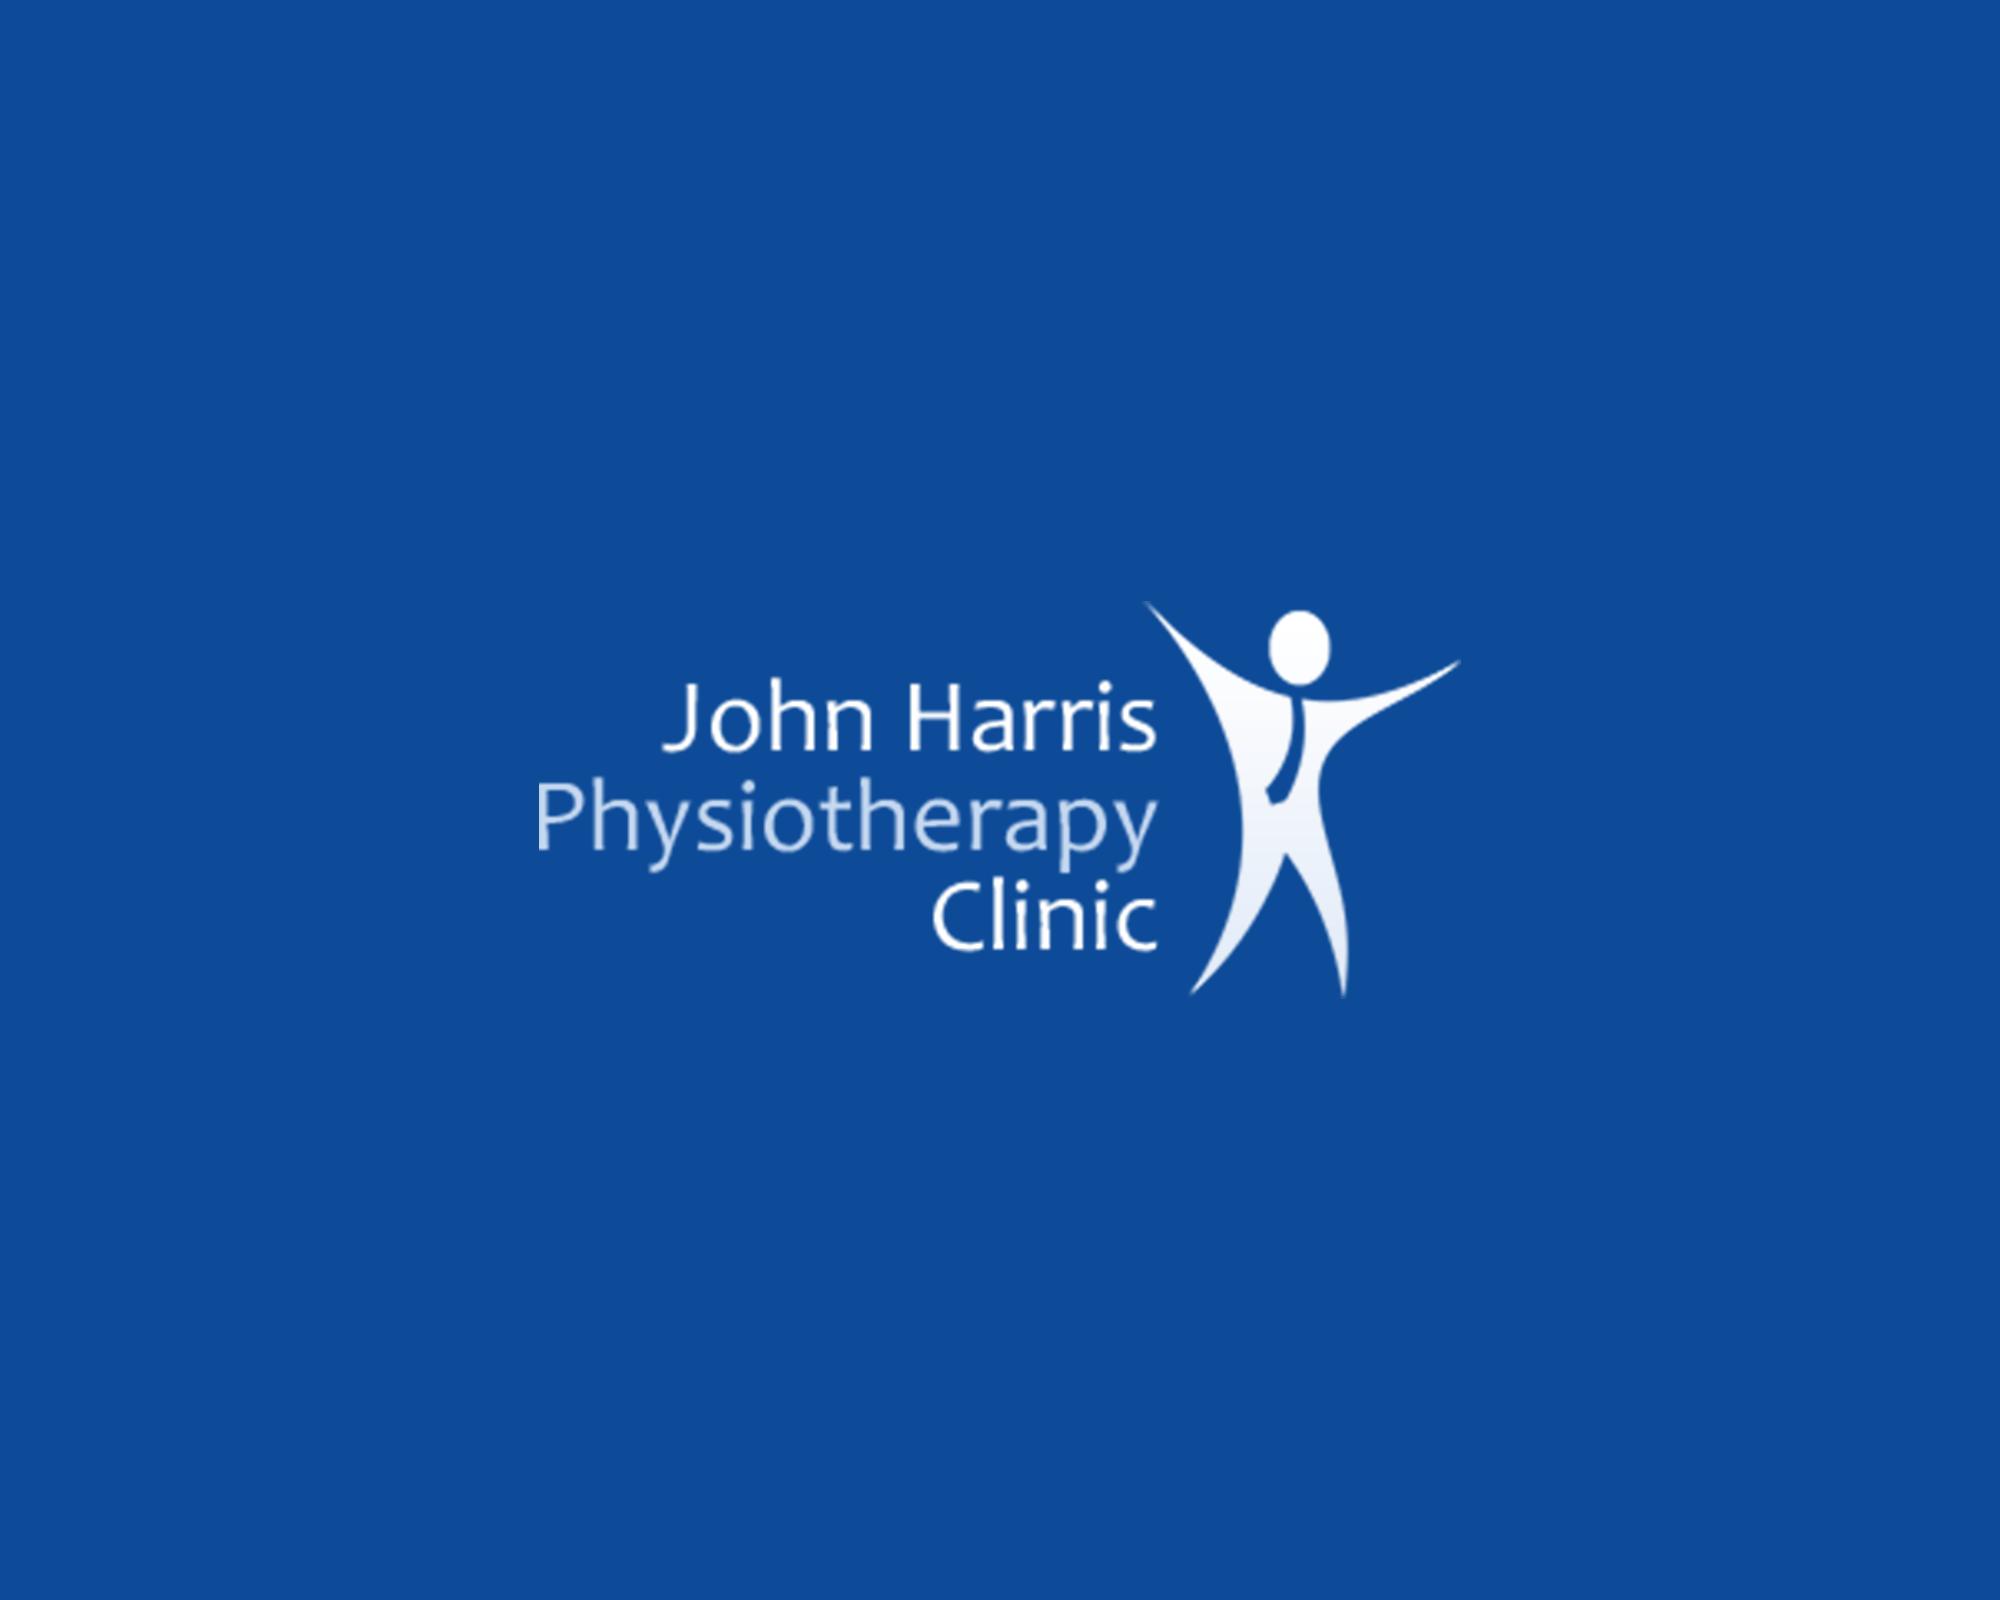 john harris physiotherapy clinic Logo